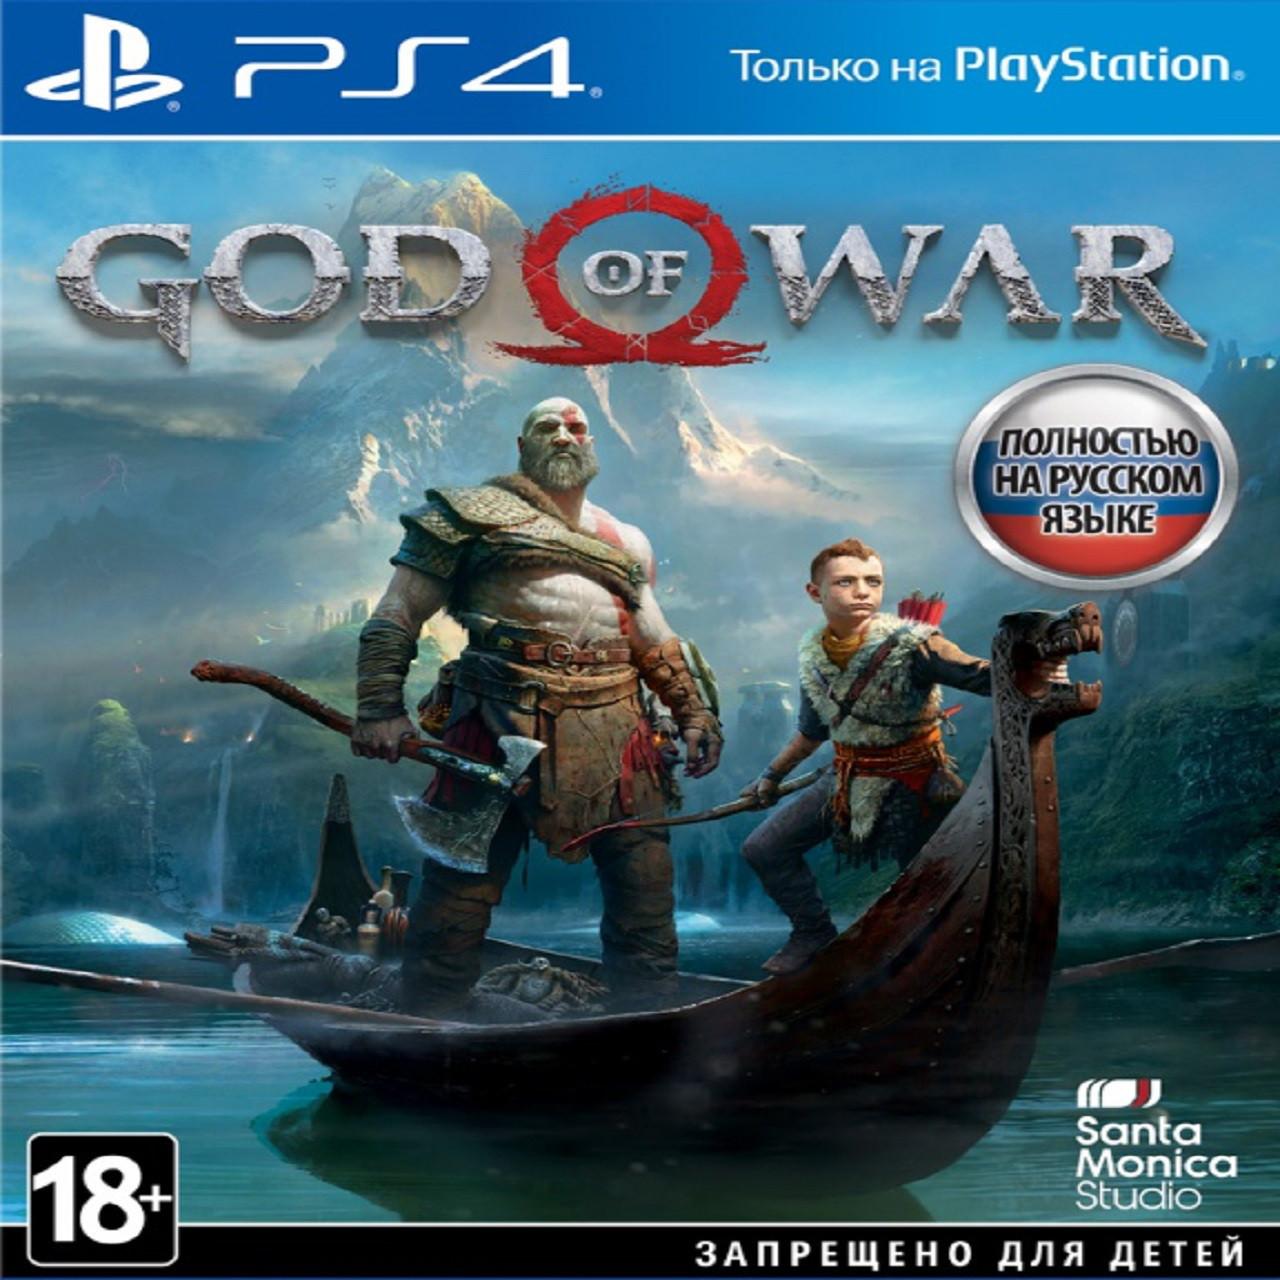 God of War RUS PS4 (NEW)